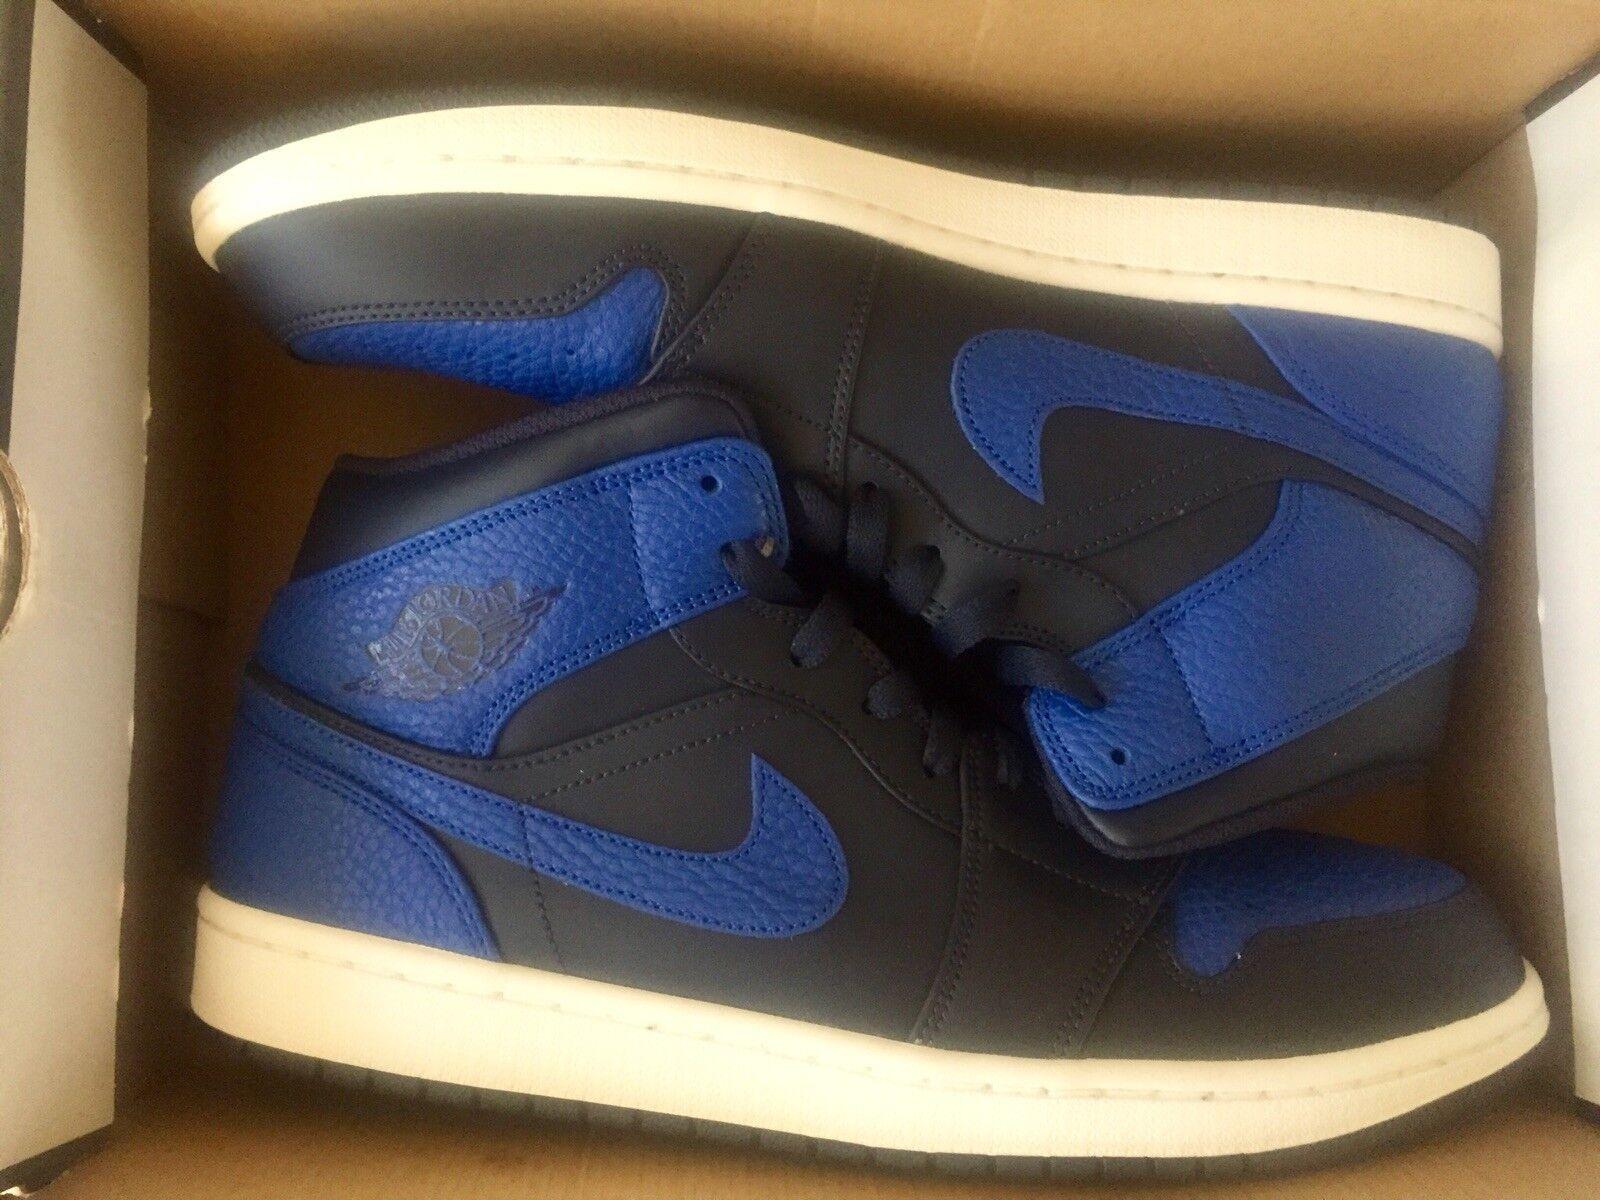 Nike air jordan 1 metà ossidiana gioco blu reale dimensioni zecca 11,5.nuovo di zecca dimensioni nella scatola. 33a390